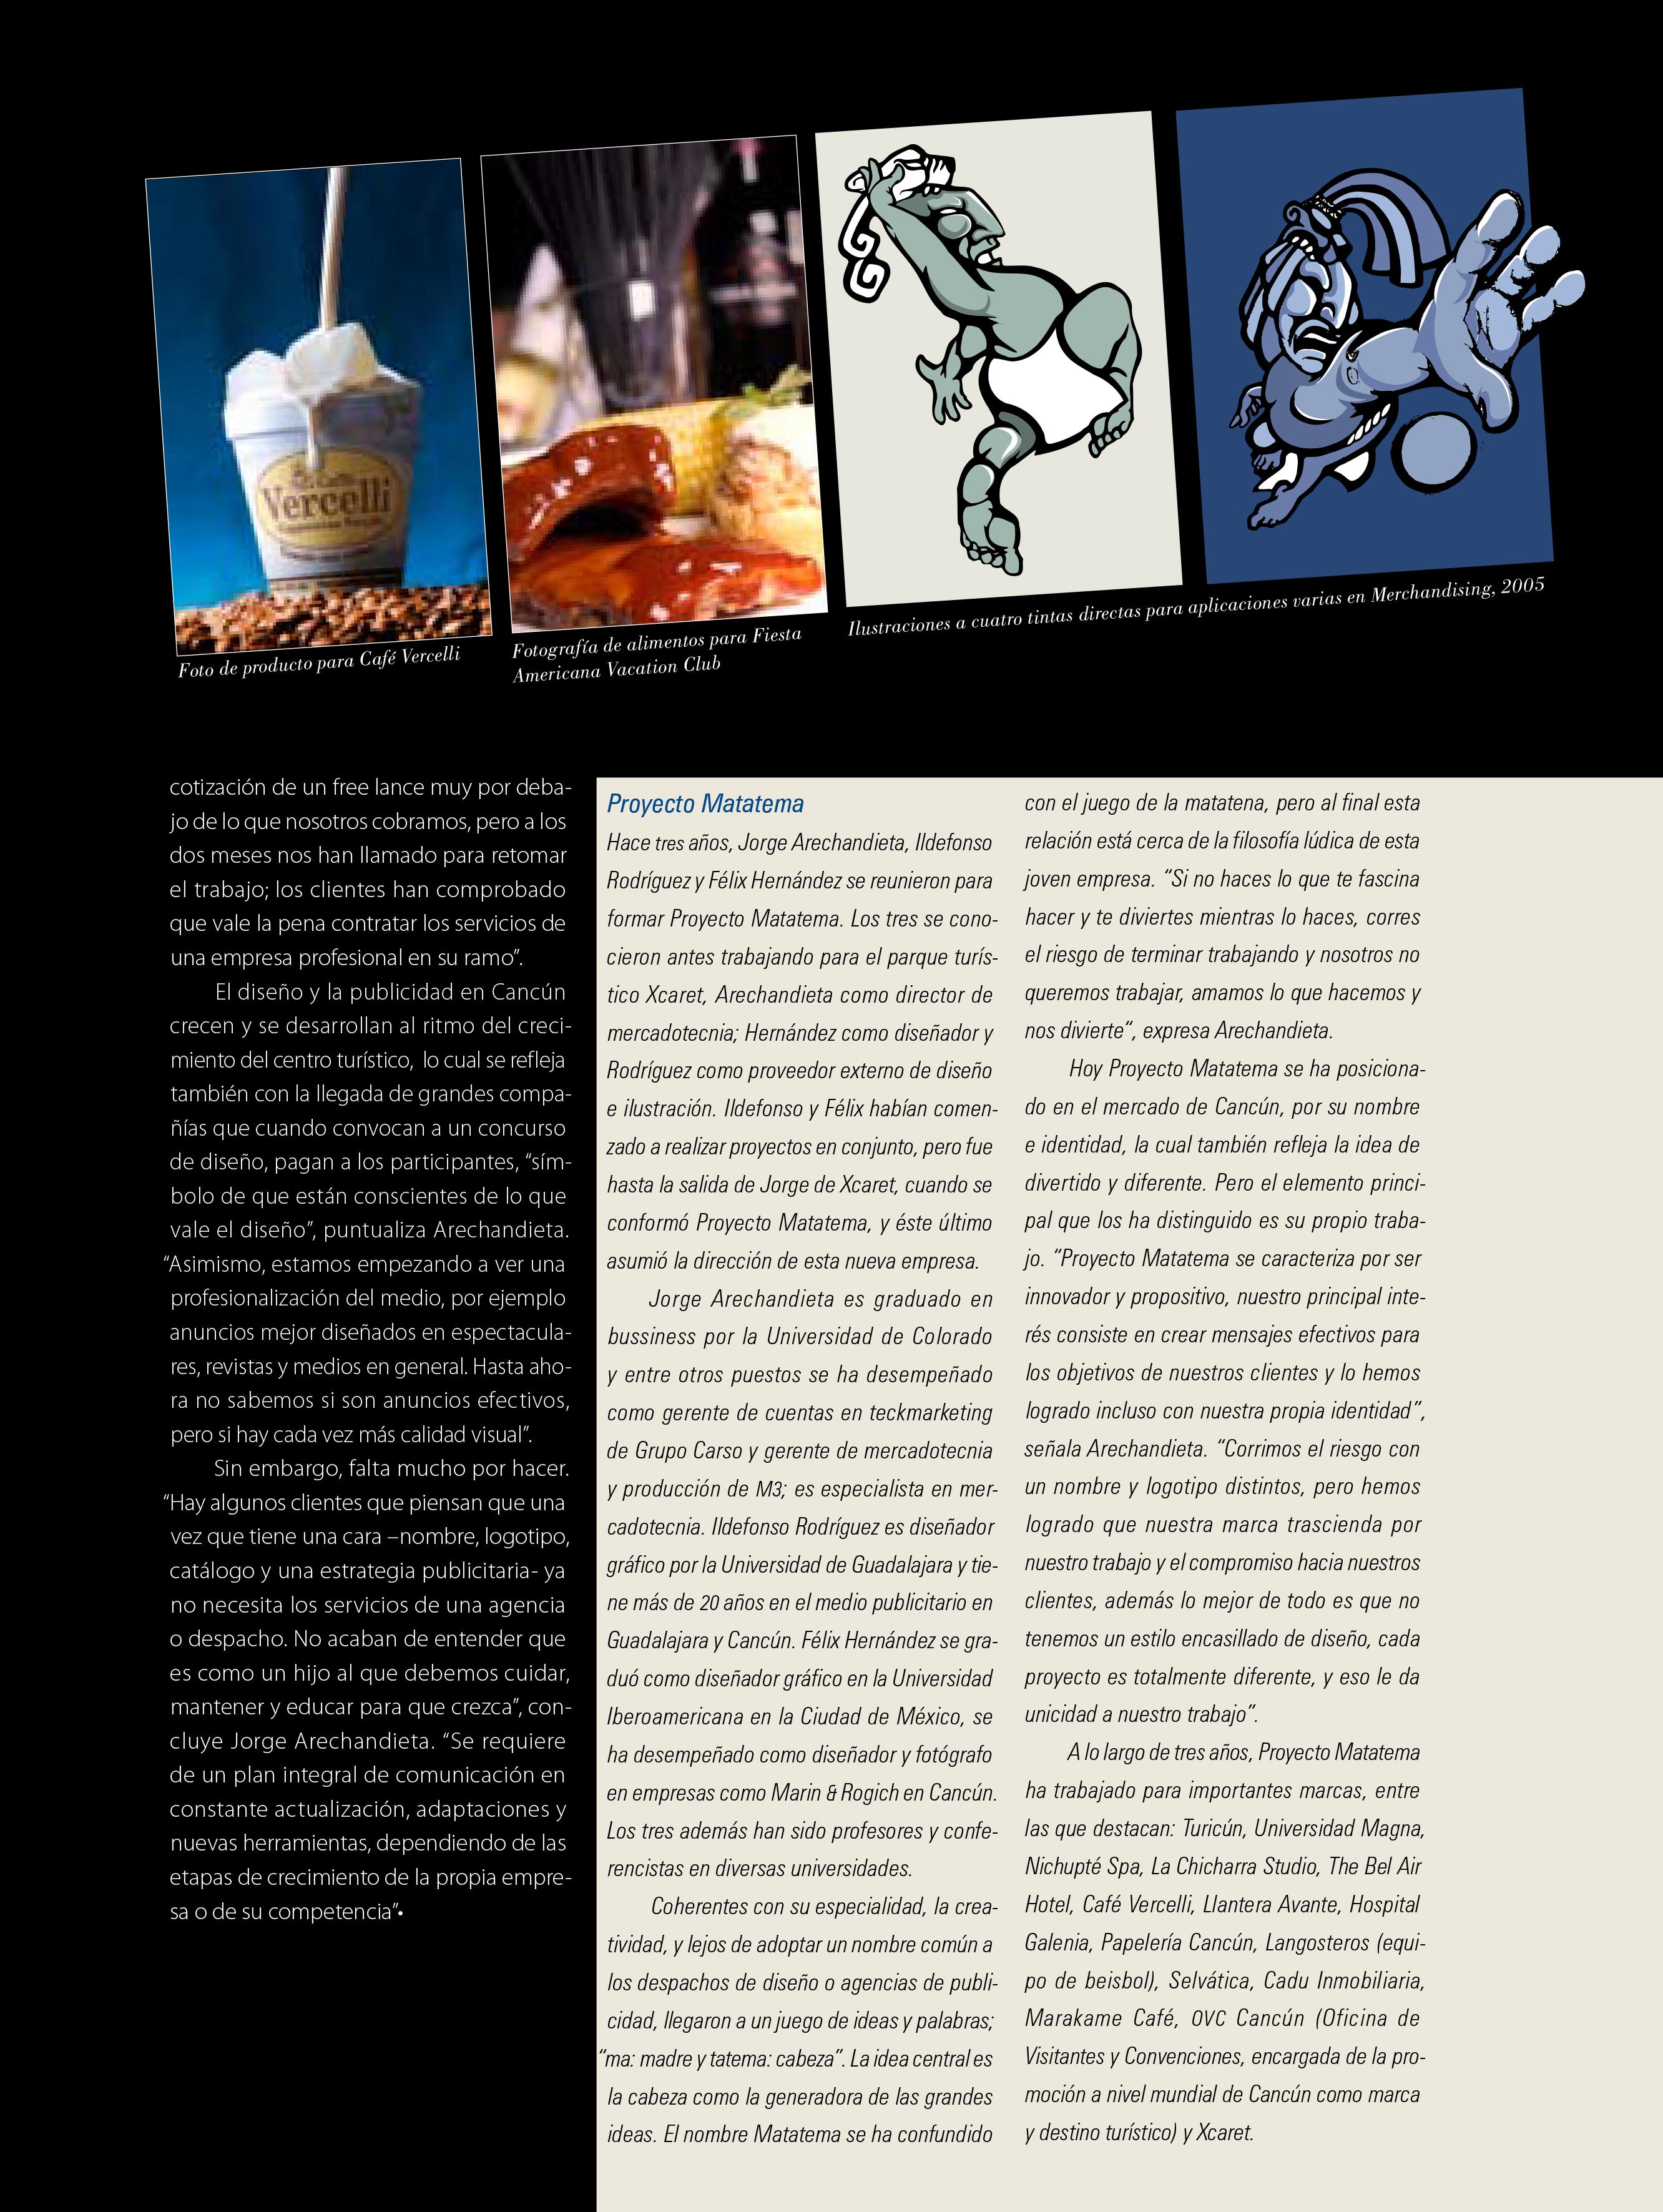 a! Diseño entrevista a Jorge Arechandieta 8